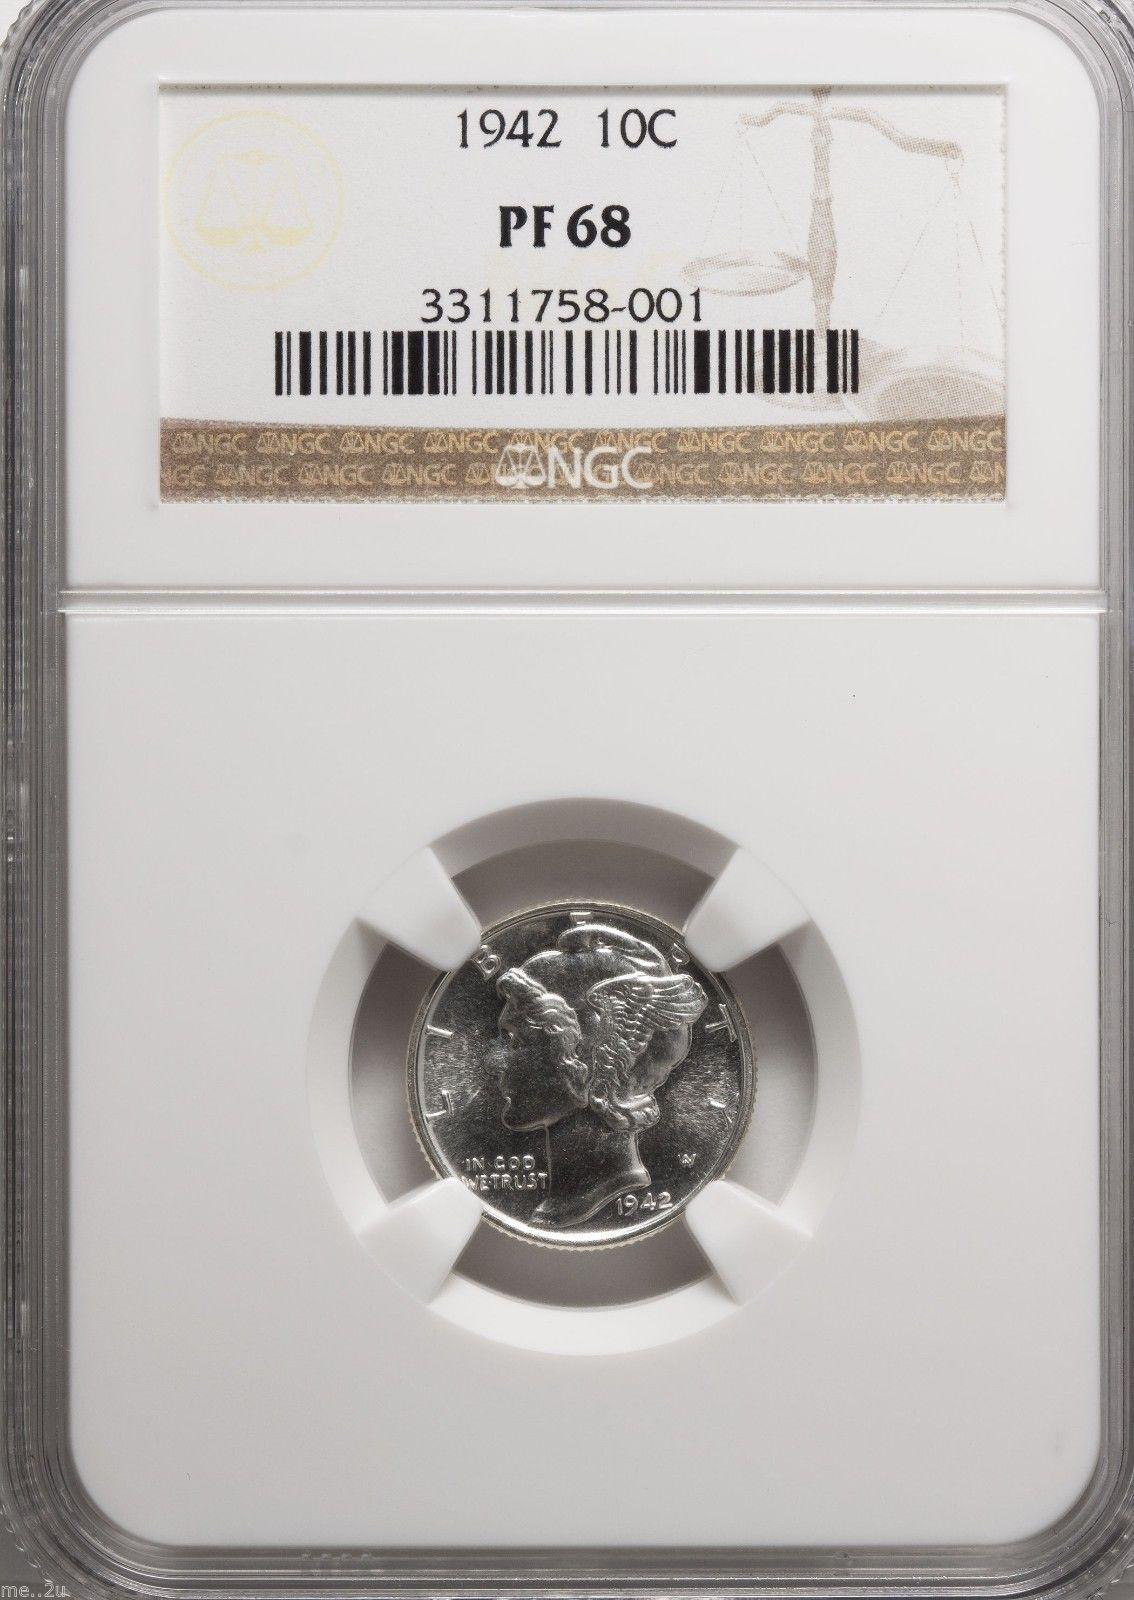 1942 10C (Proof) Mercury Dime PR68 NGC - $2,569.05